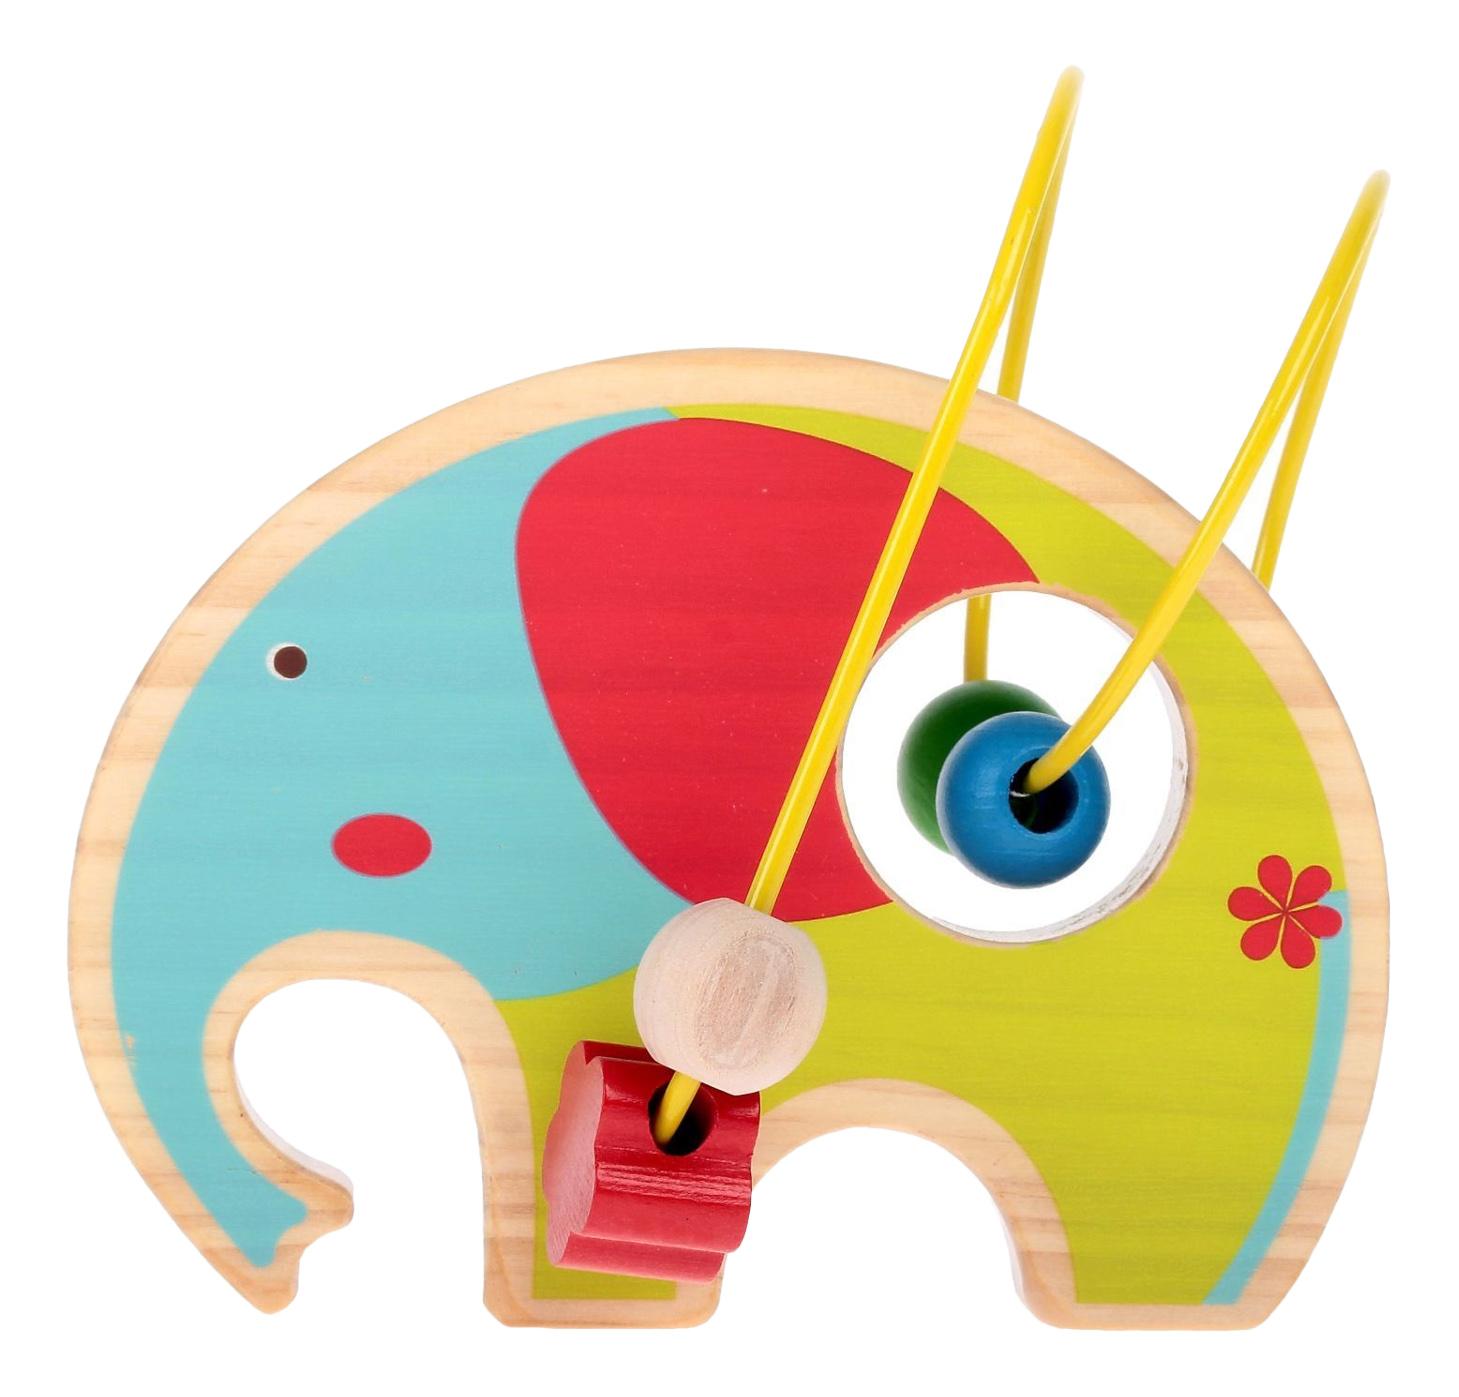 Купить Лабиринт Слон, Деревянная игрушка для малышей Lucy&Leo Лабиринт Слон, Деревянные лабиринты